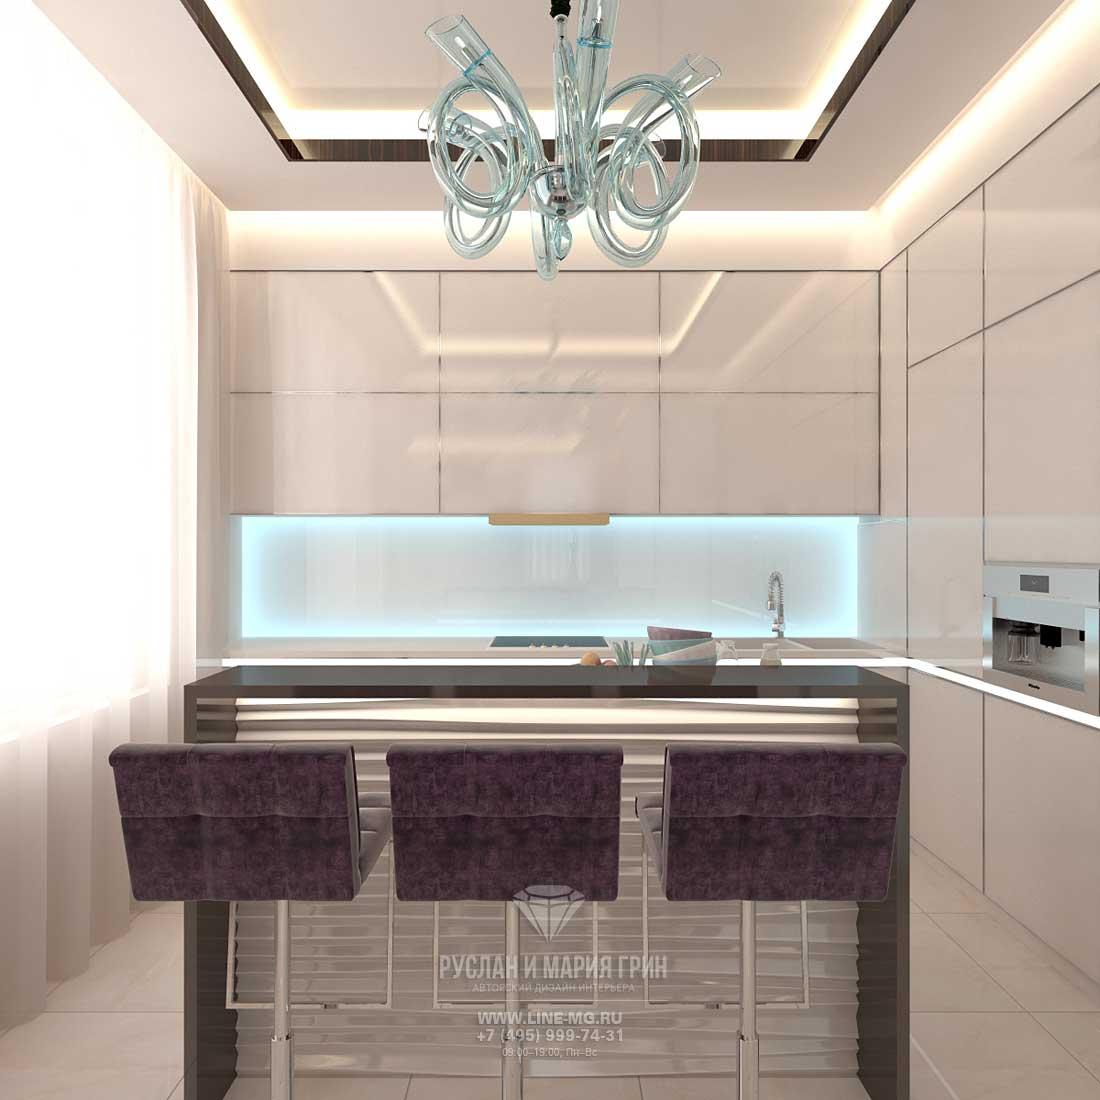 Дизайн красивой квартиры. Фото интерьера кухни в светлых тонах